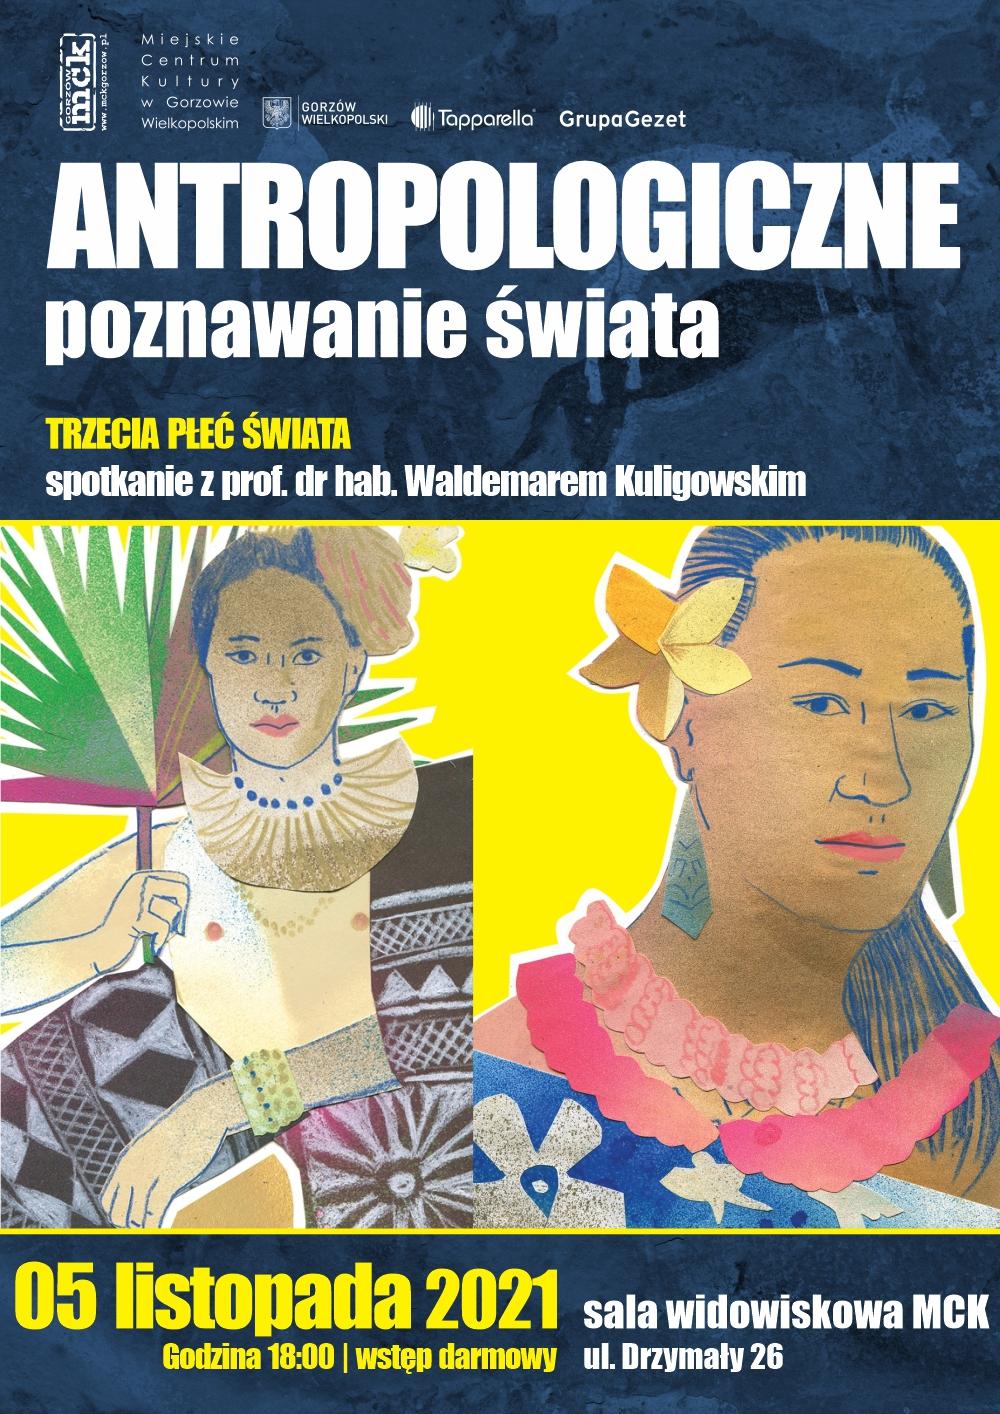 Grafika wydarzenia Antropologiczne poznawanie świata – Trzecia płeć świata